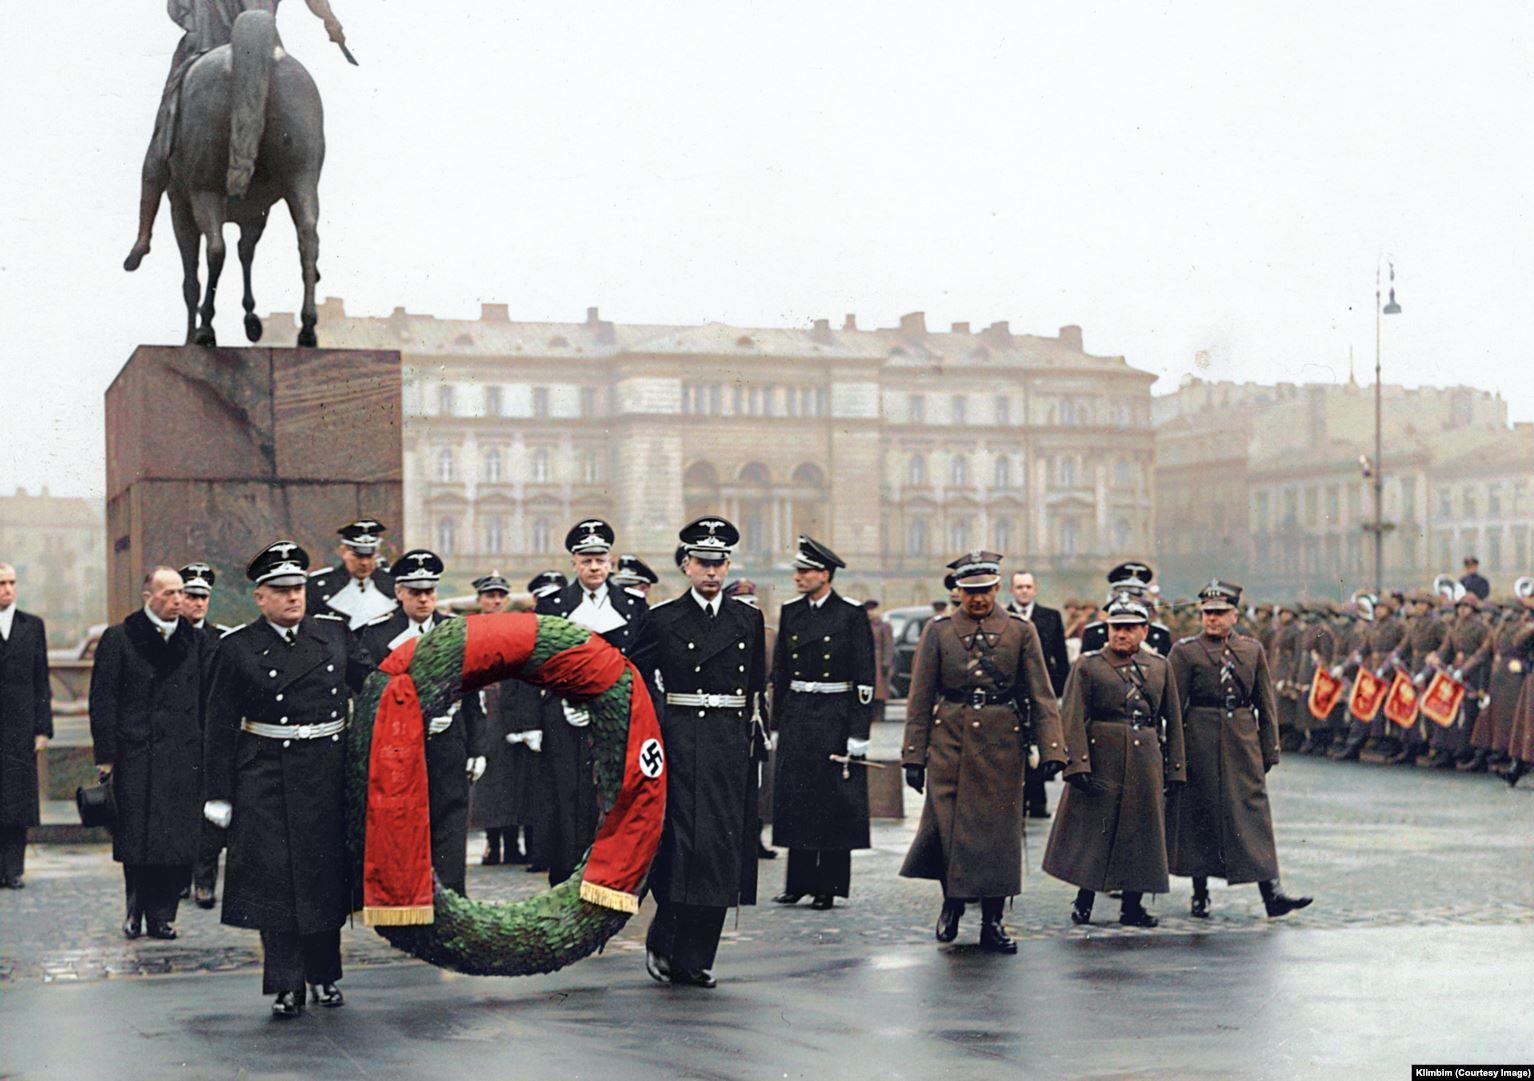 Facebook заблокировал  российского колориста из-за «опасных» фотографий  Второй мировой войны